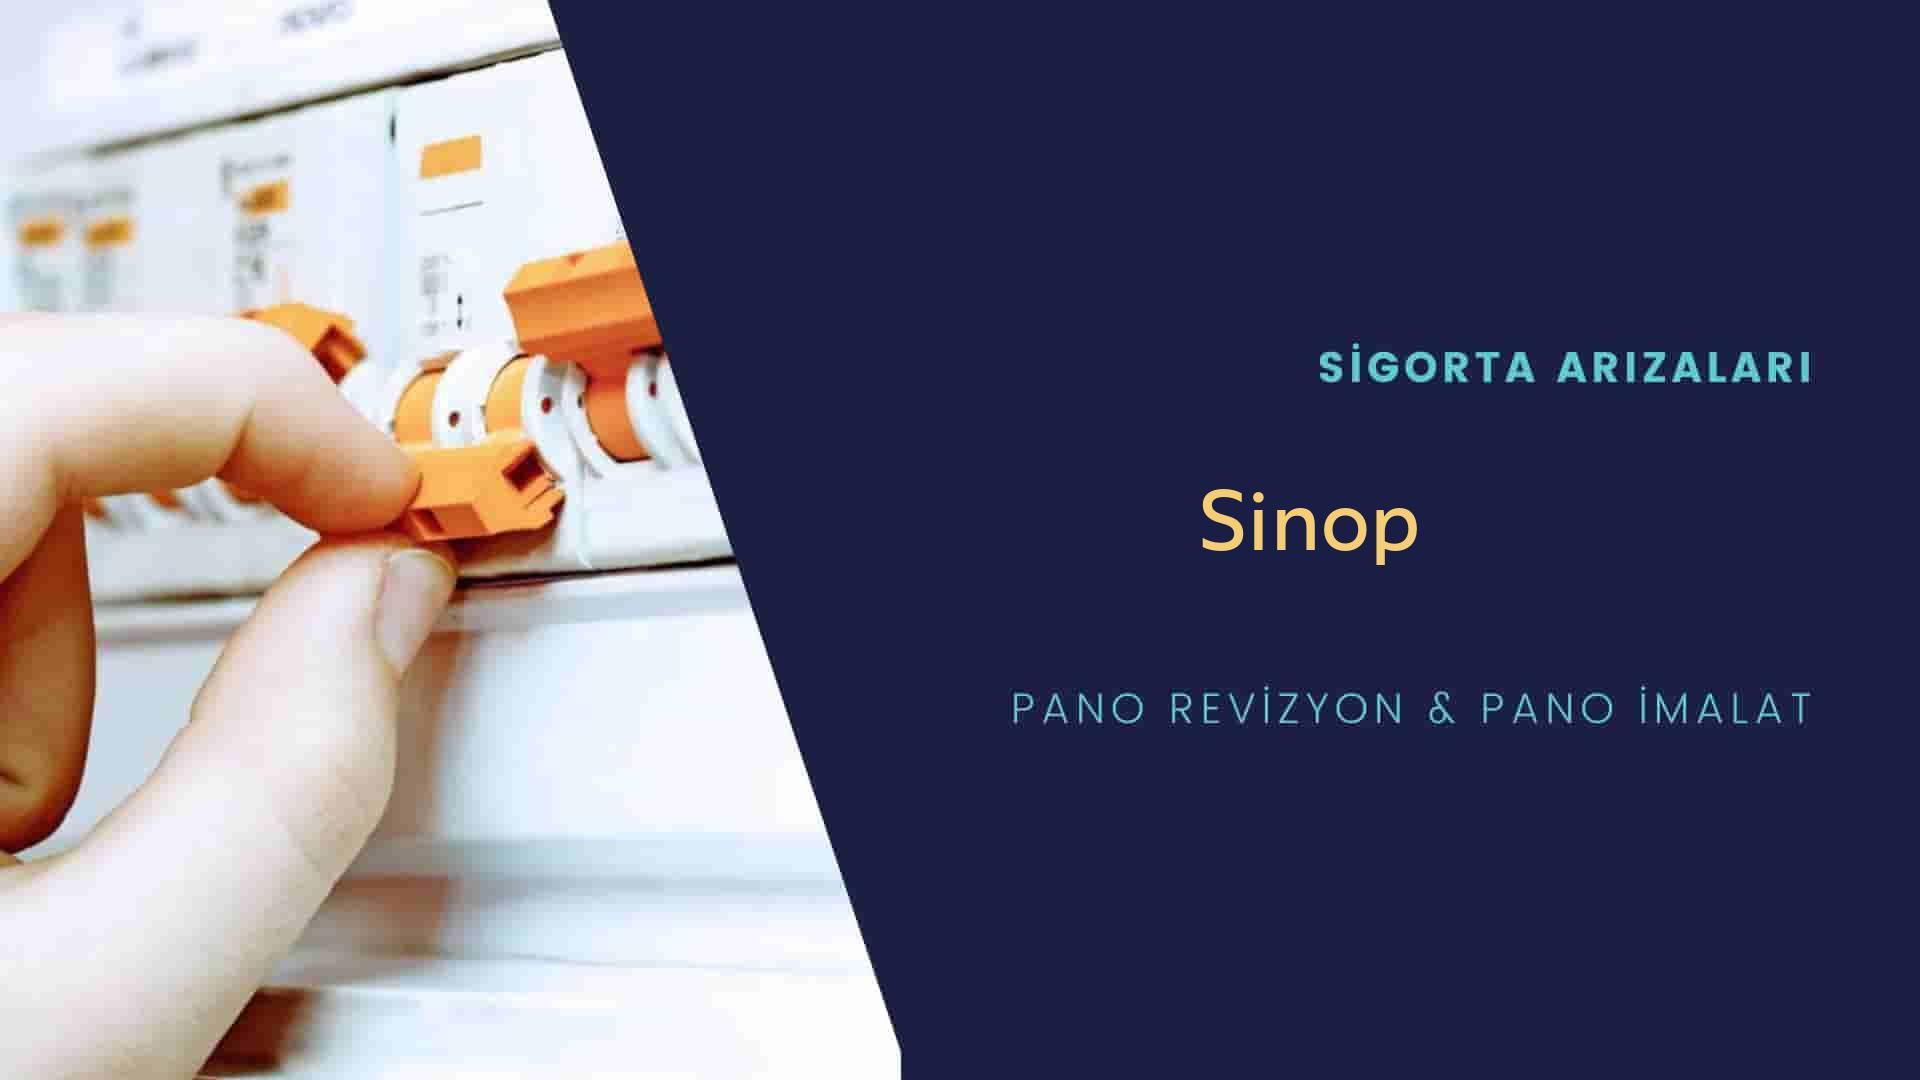 Sinop Sigorta Arızaları İçin Profesyonel Elektrikçi ustalarımızı dilediğiniz zaman arayabilir talepte bulunabilirsiniz.